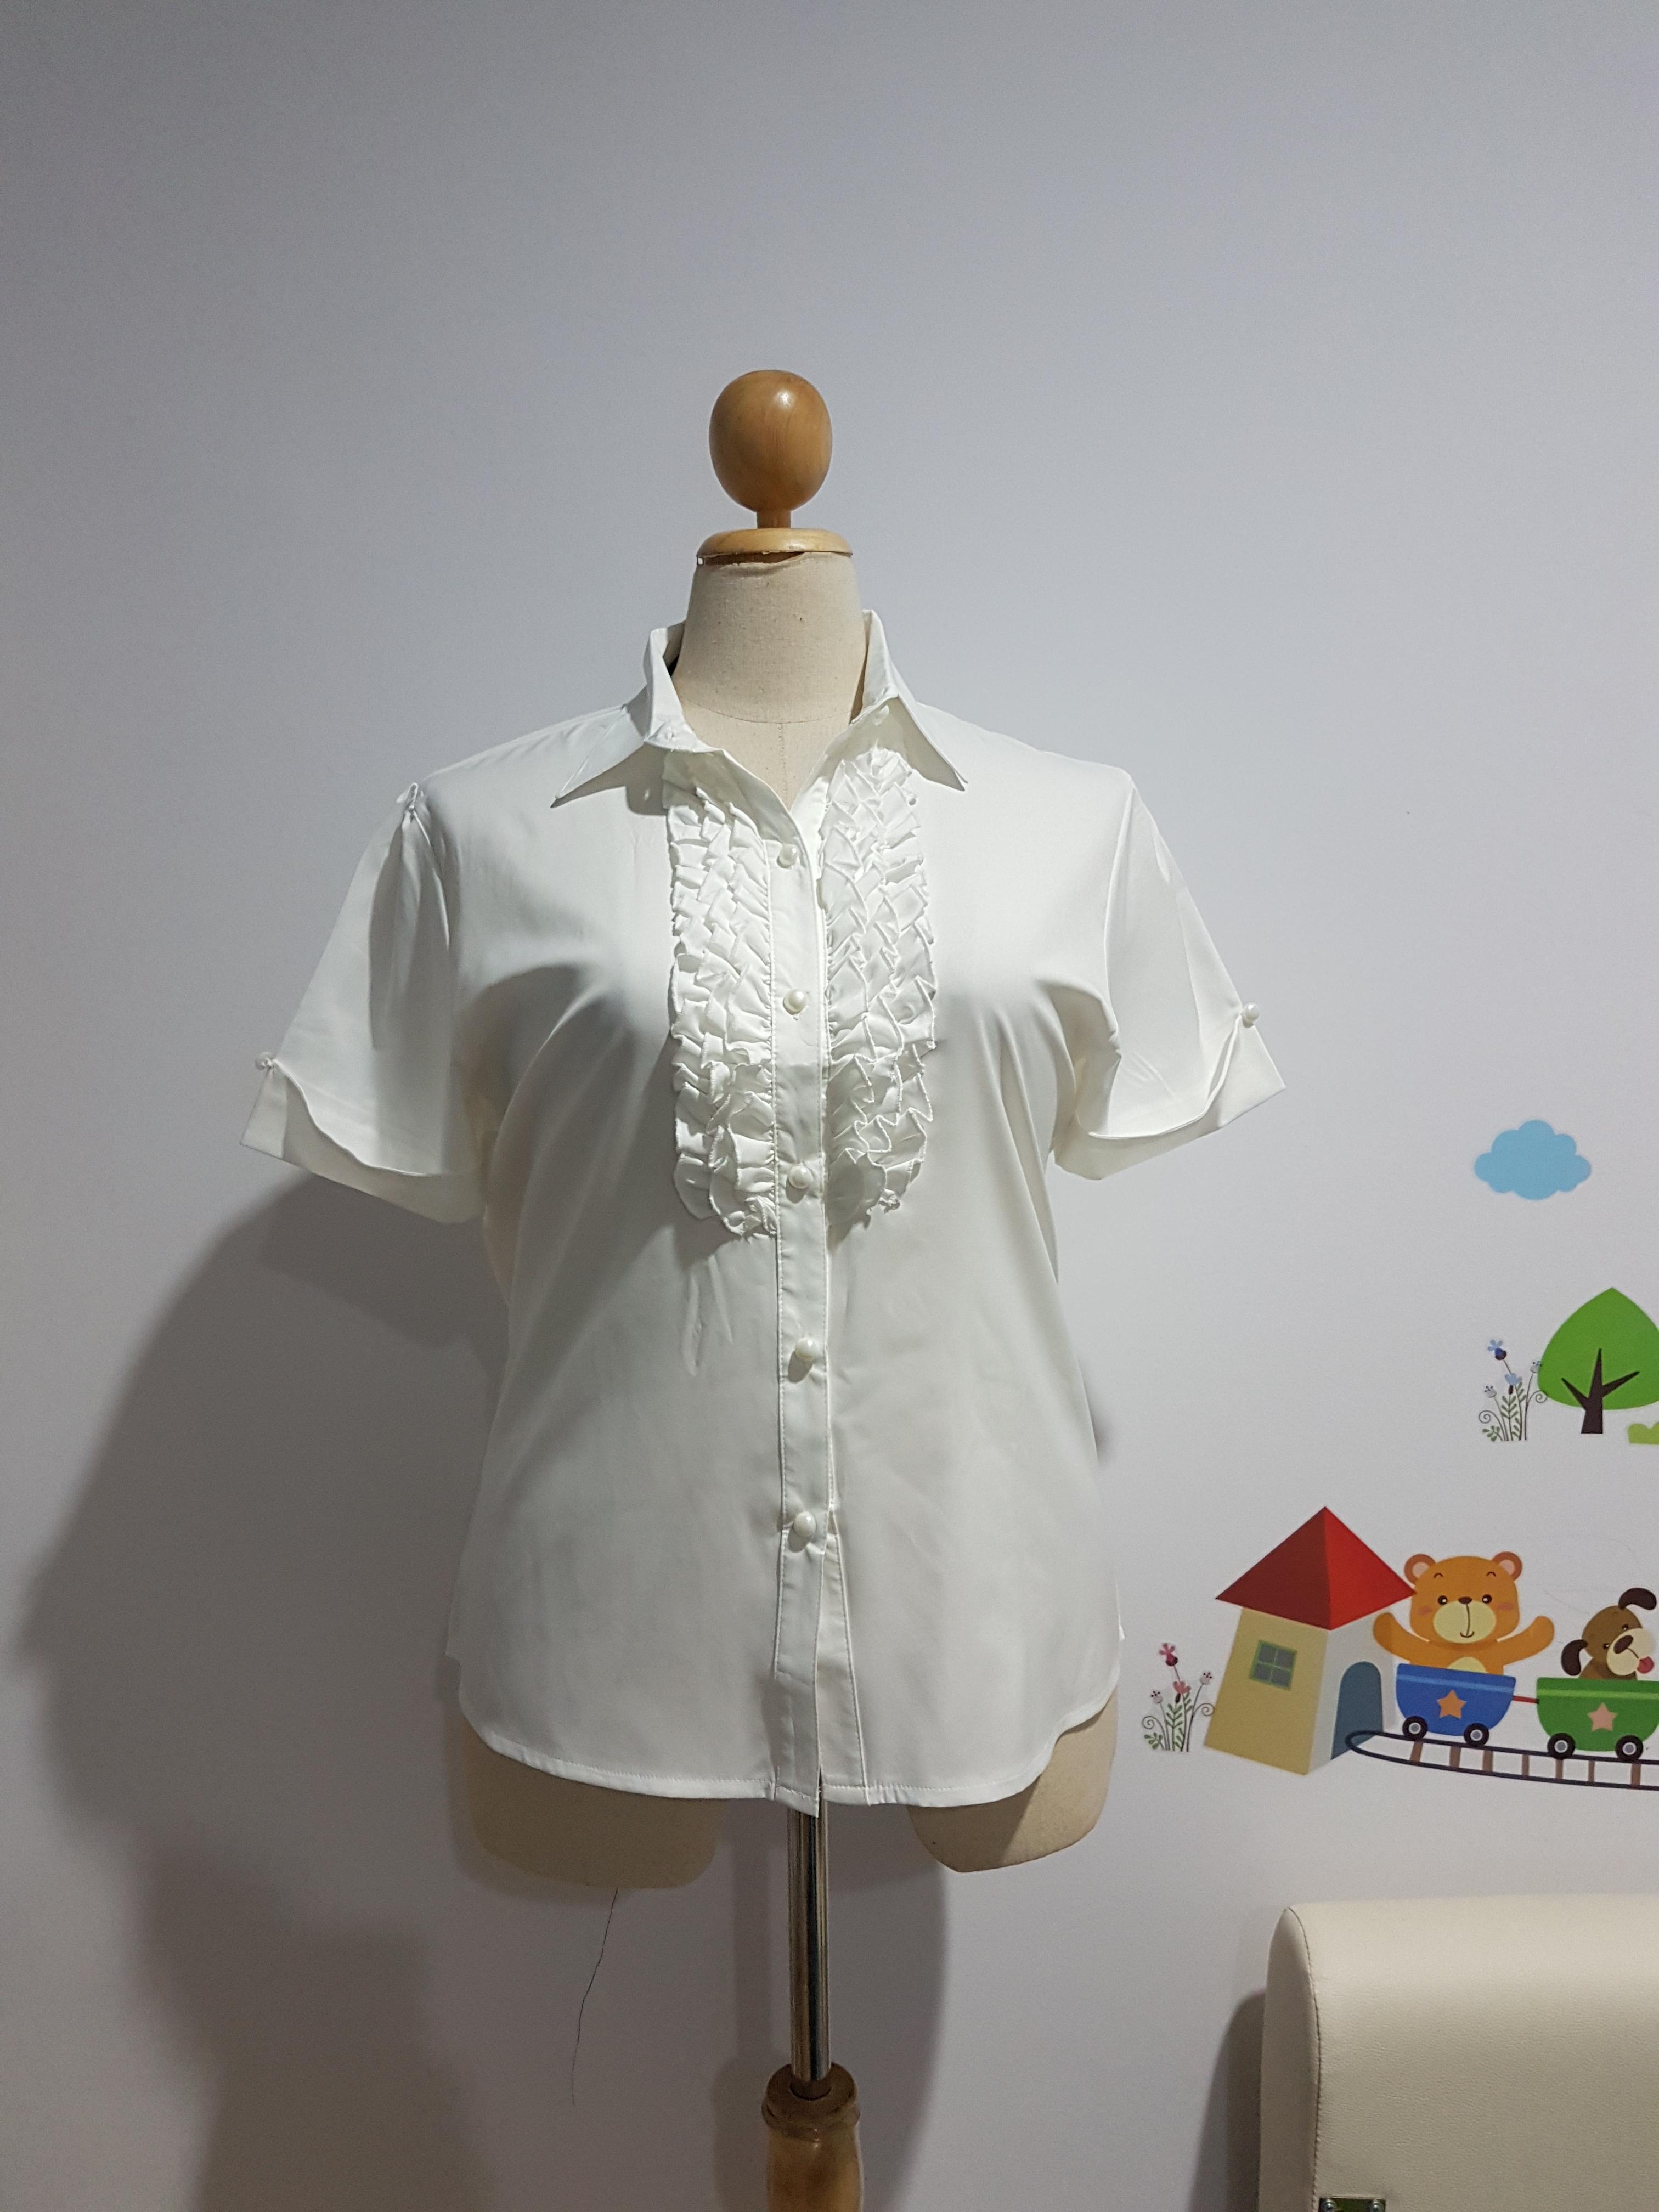 เสื้อเชิ้ต ผ้าไหมอิตาลี ตีเกล็ดซ้อน สีขาว ไซส์ XL อก 44 นิ้ว